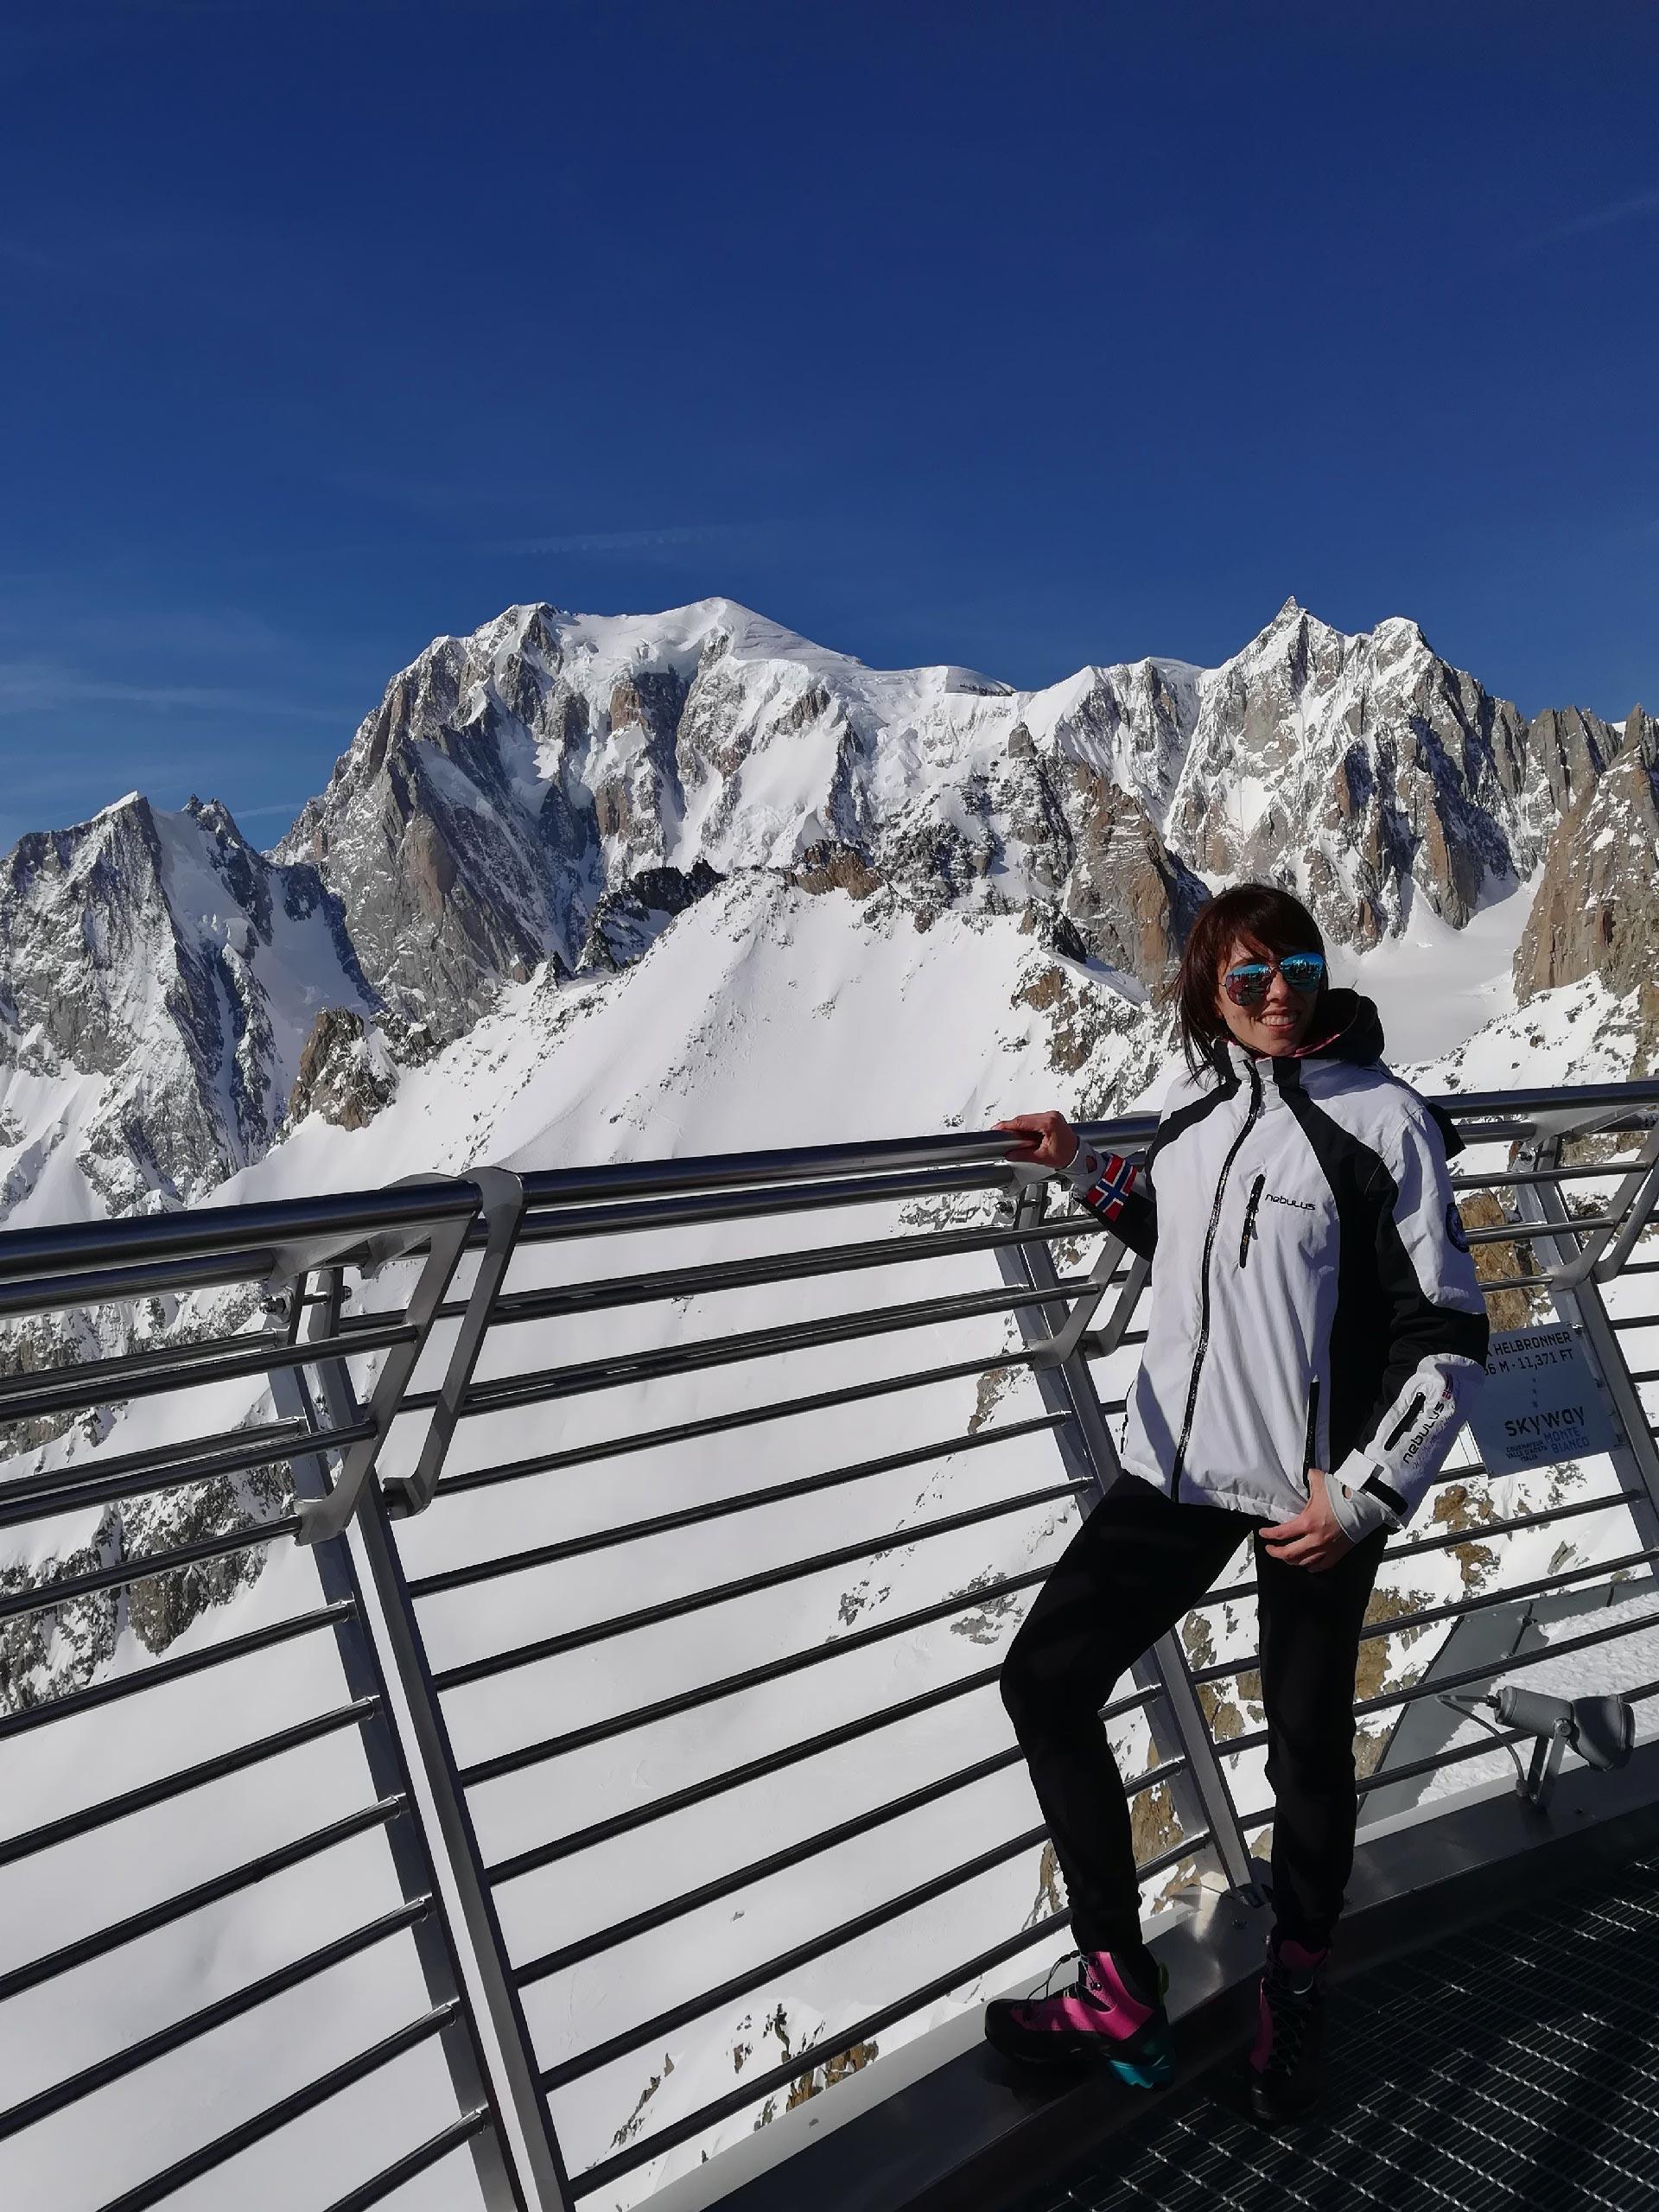 il massiccio del Monte Bianco dalla terrazza panoramica di Punta Helbronner, Courmayeur, Valle d'Aosta